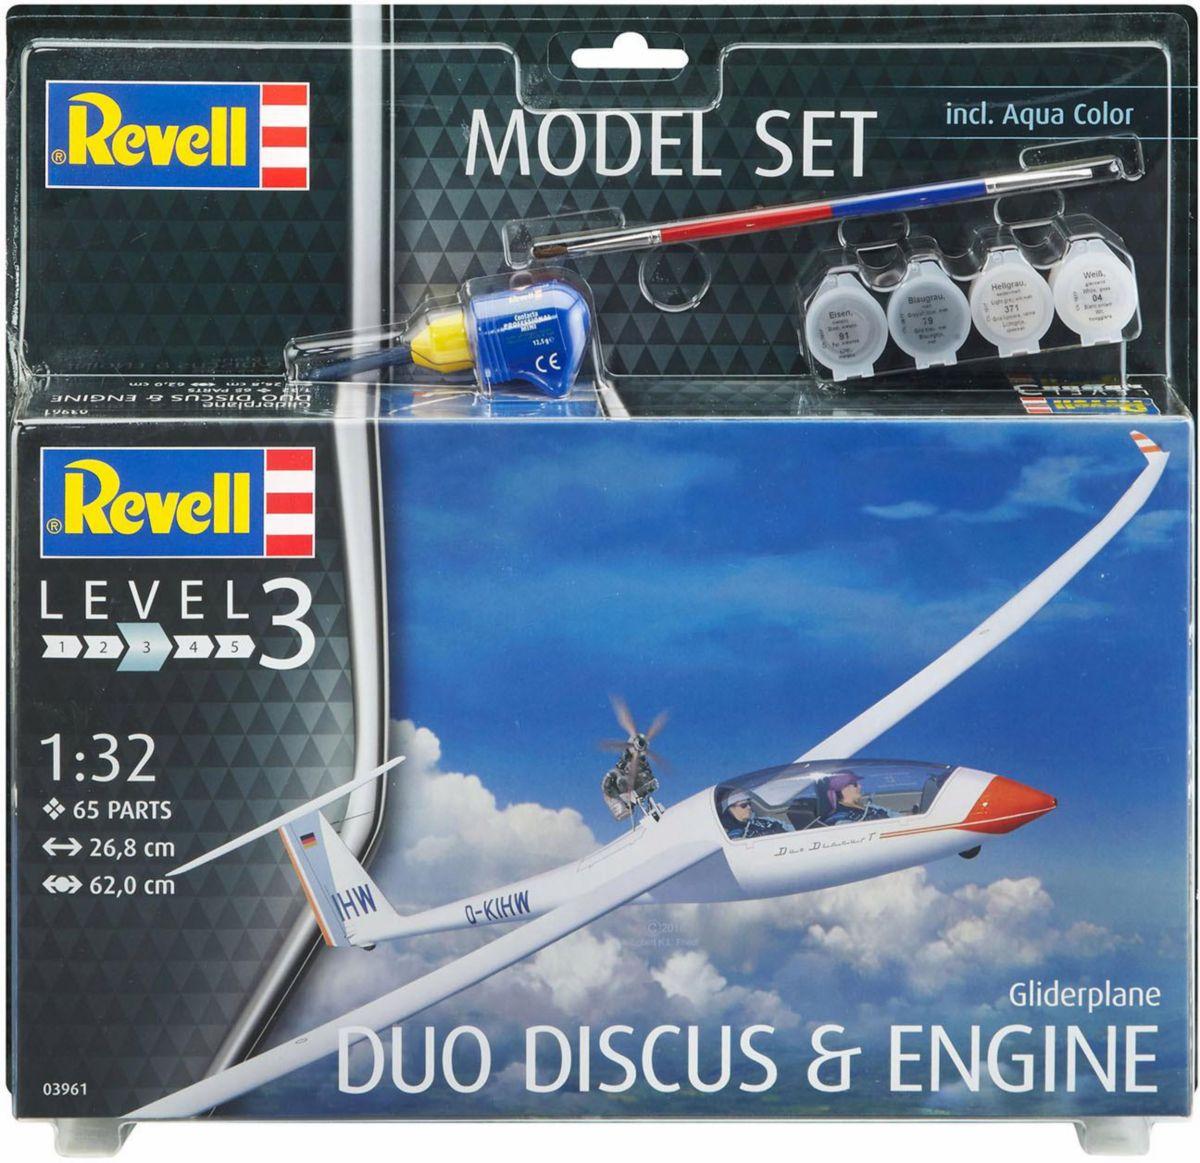 Revell Modellbausatz Flugzeug mit Zubehör, »Mod...